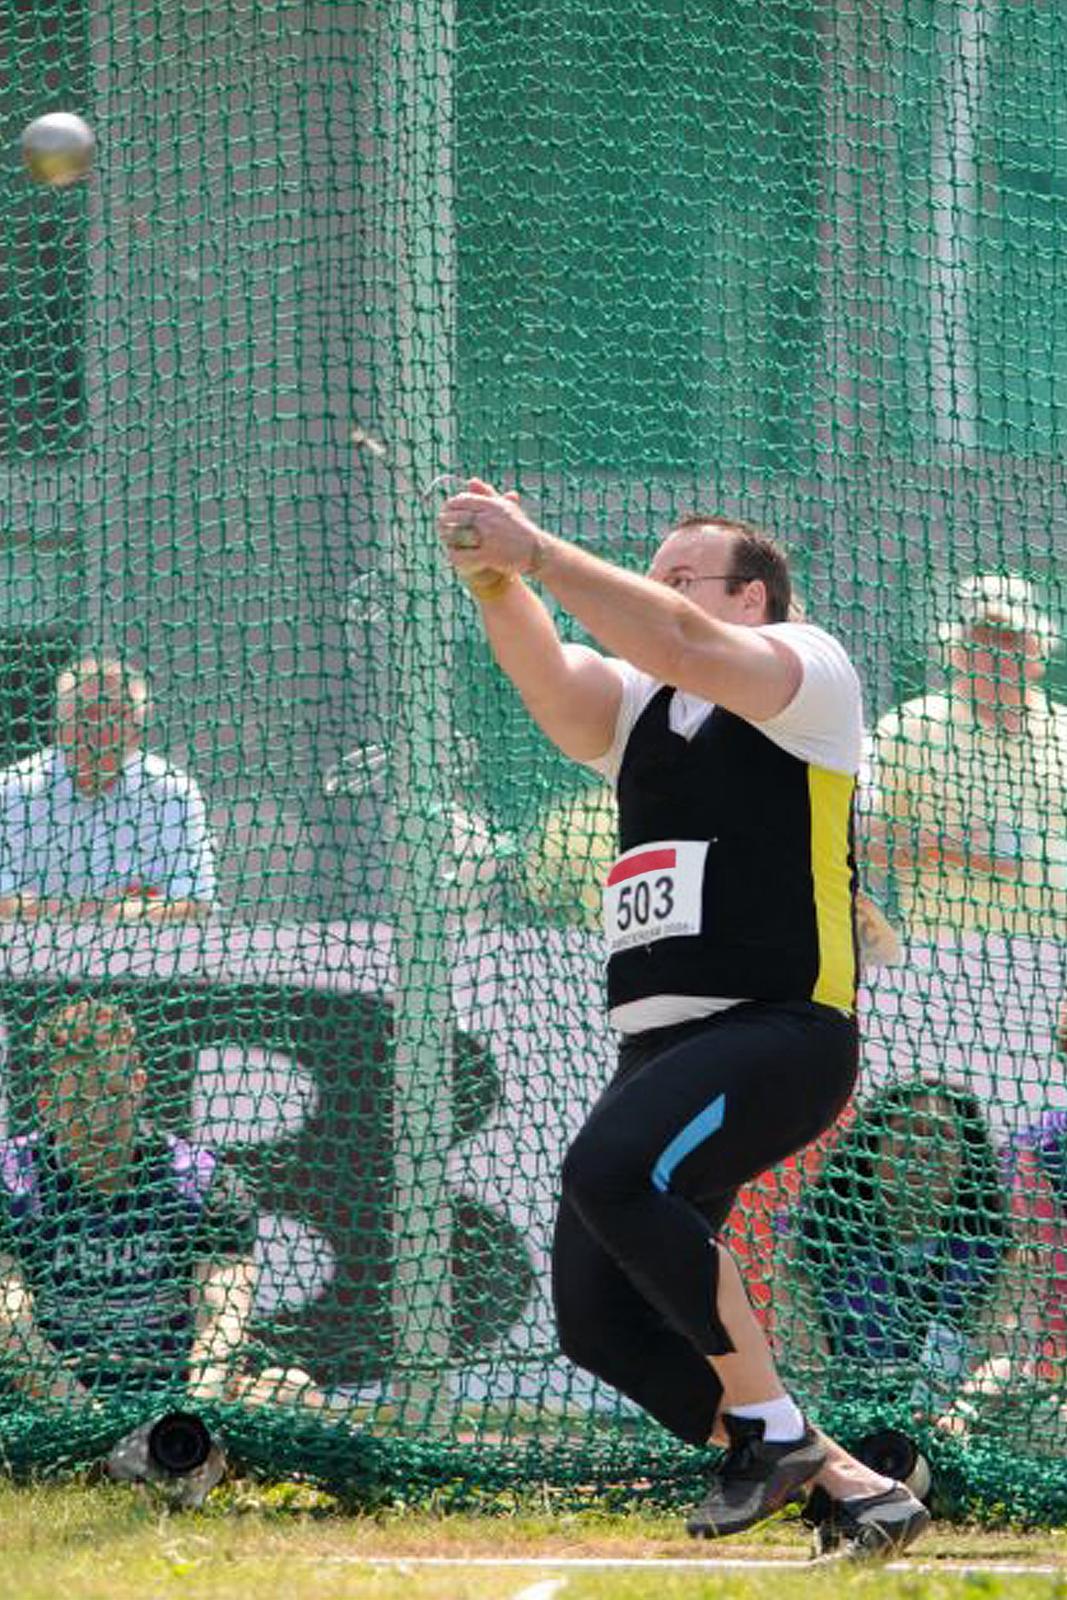 Zdjęcie przedstawia sportowca podczas rzutu młotem. Na pierwszym planie mężczyzna wwieku ok. 35 lat. Mężczyzna jest ubrany wstrój sportowy. Wtle widoczna zielona siatka ochronna.